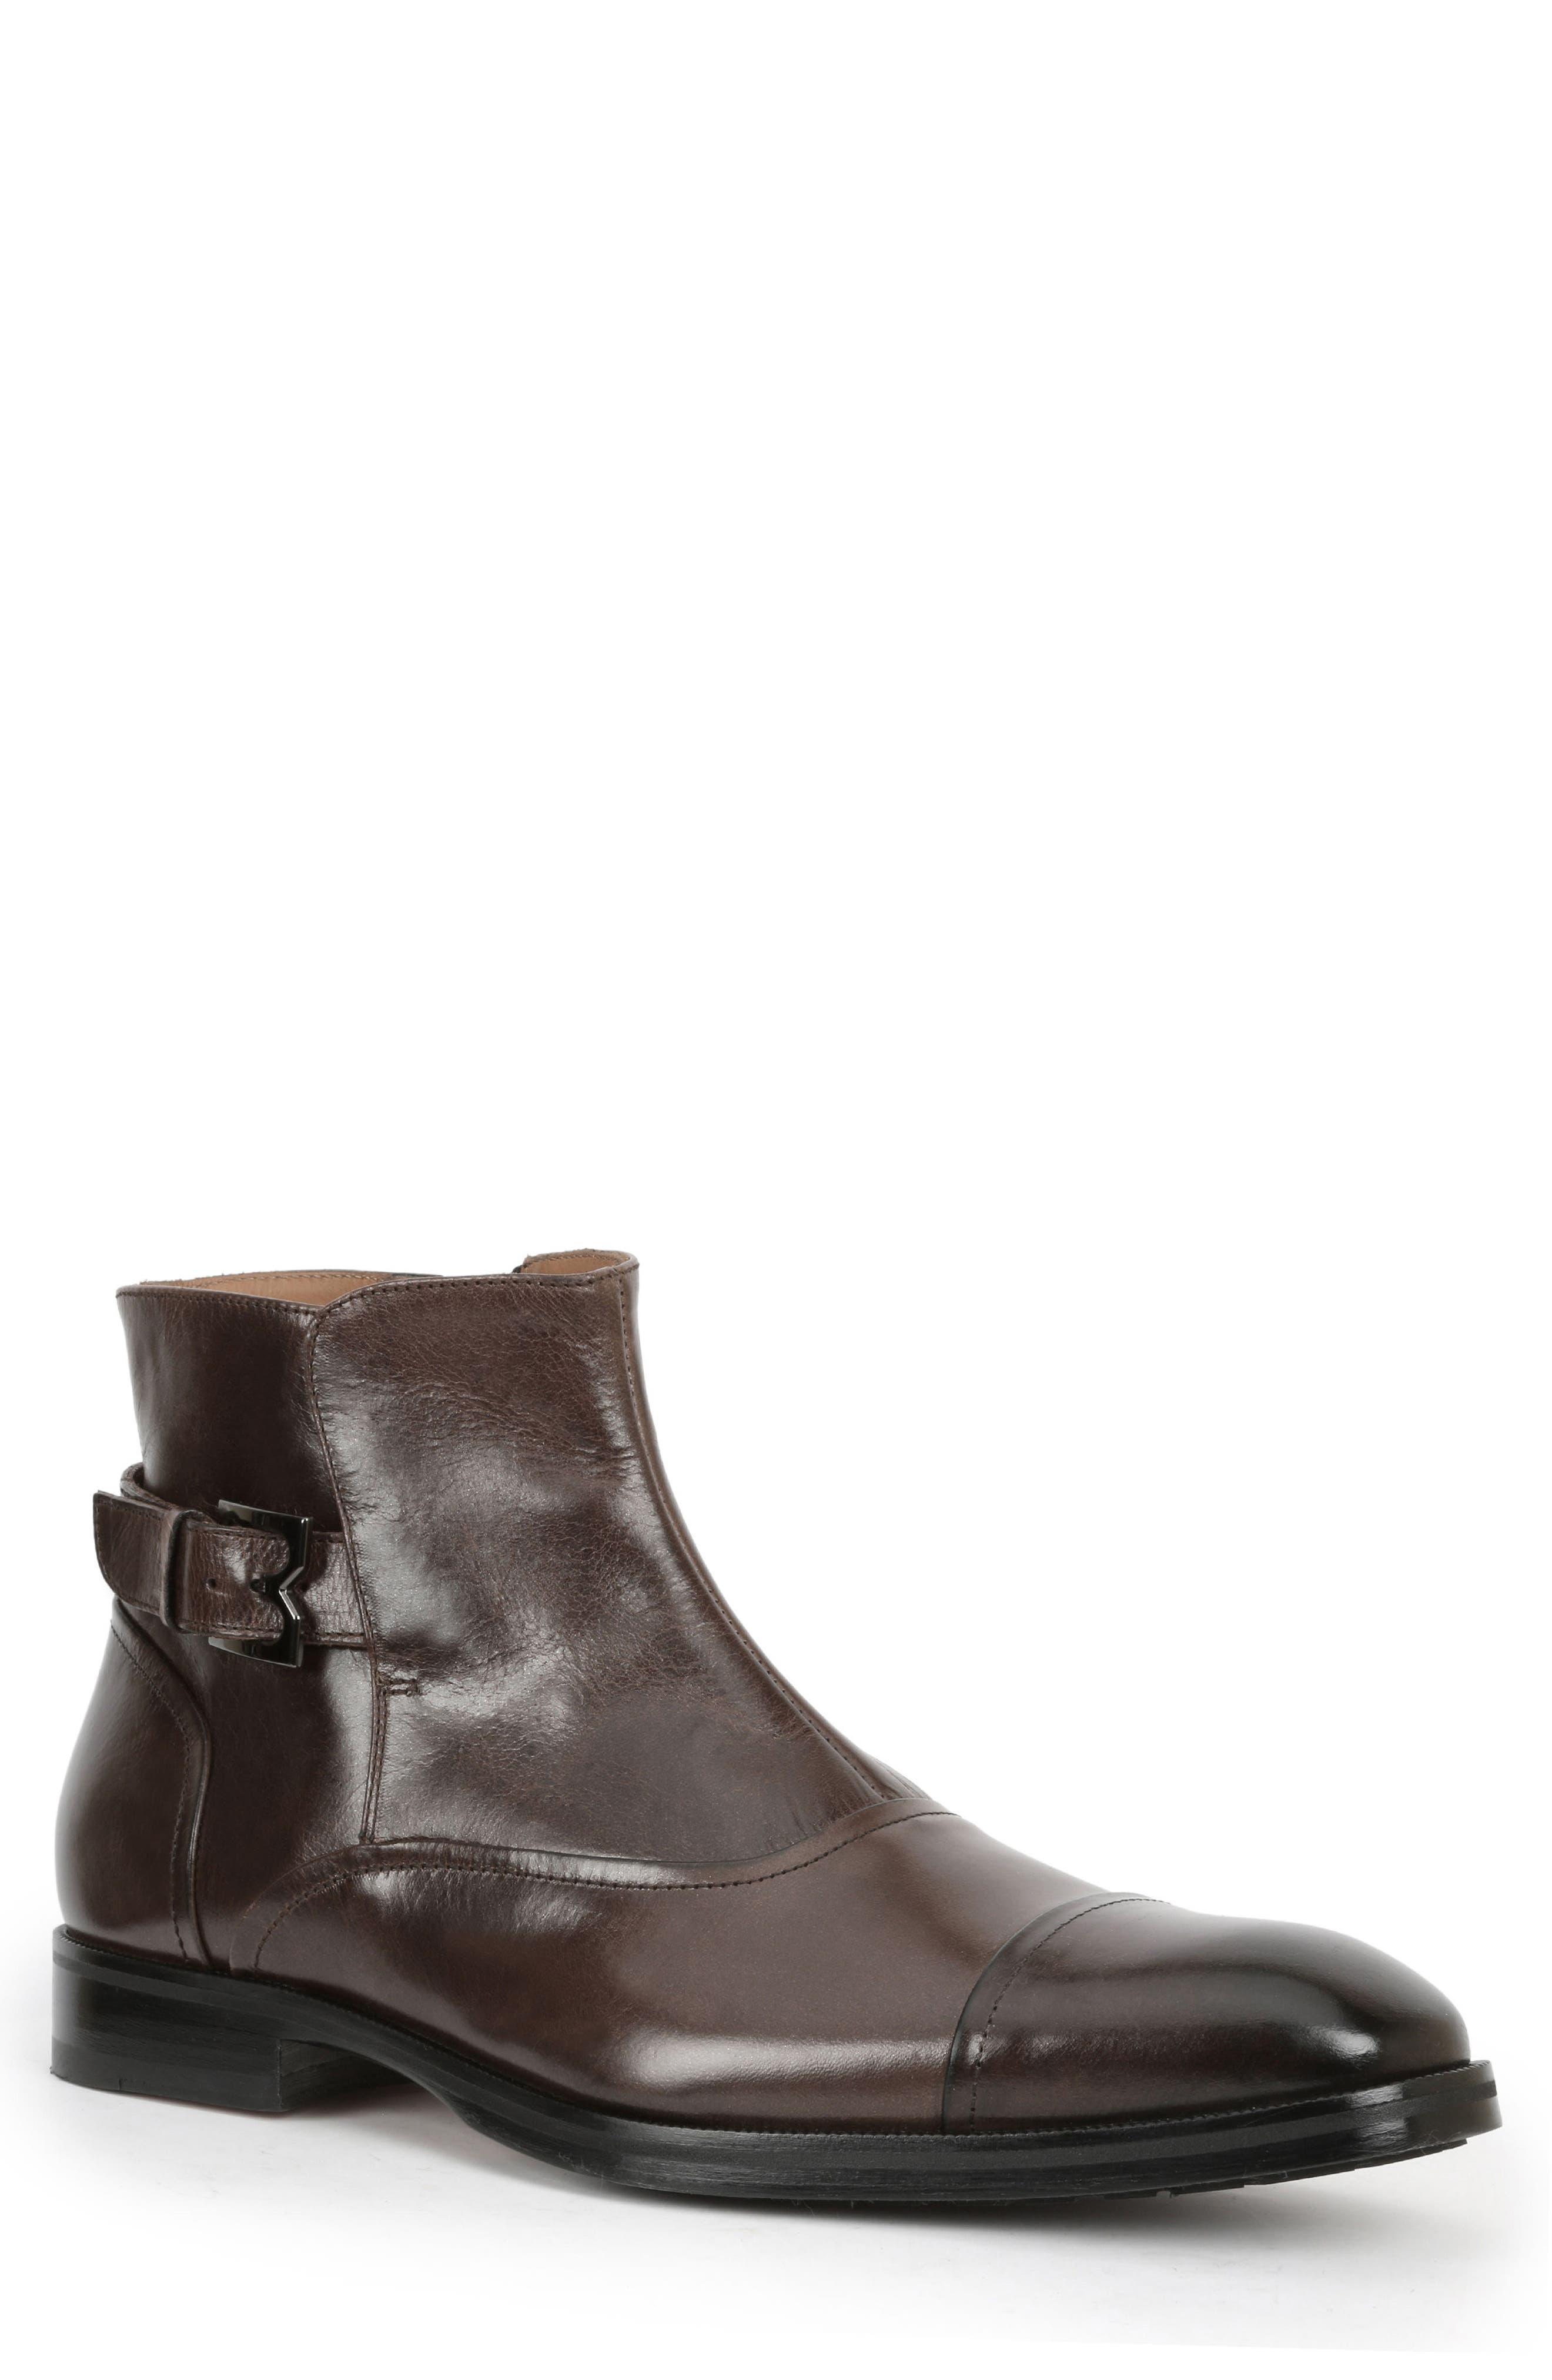 'Arcadia' Cap Toe Boot,                             Main thumbnail 1, color,                             Dark Brown Leather